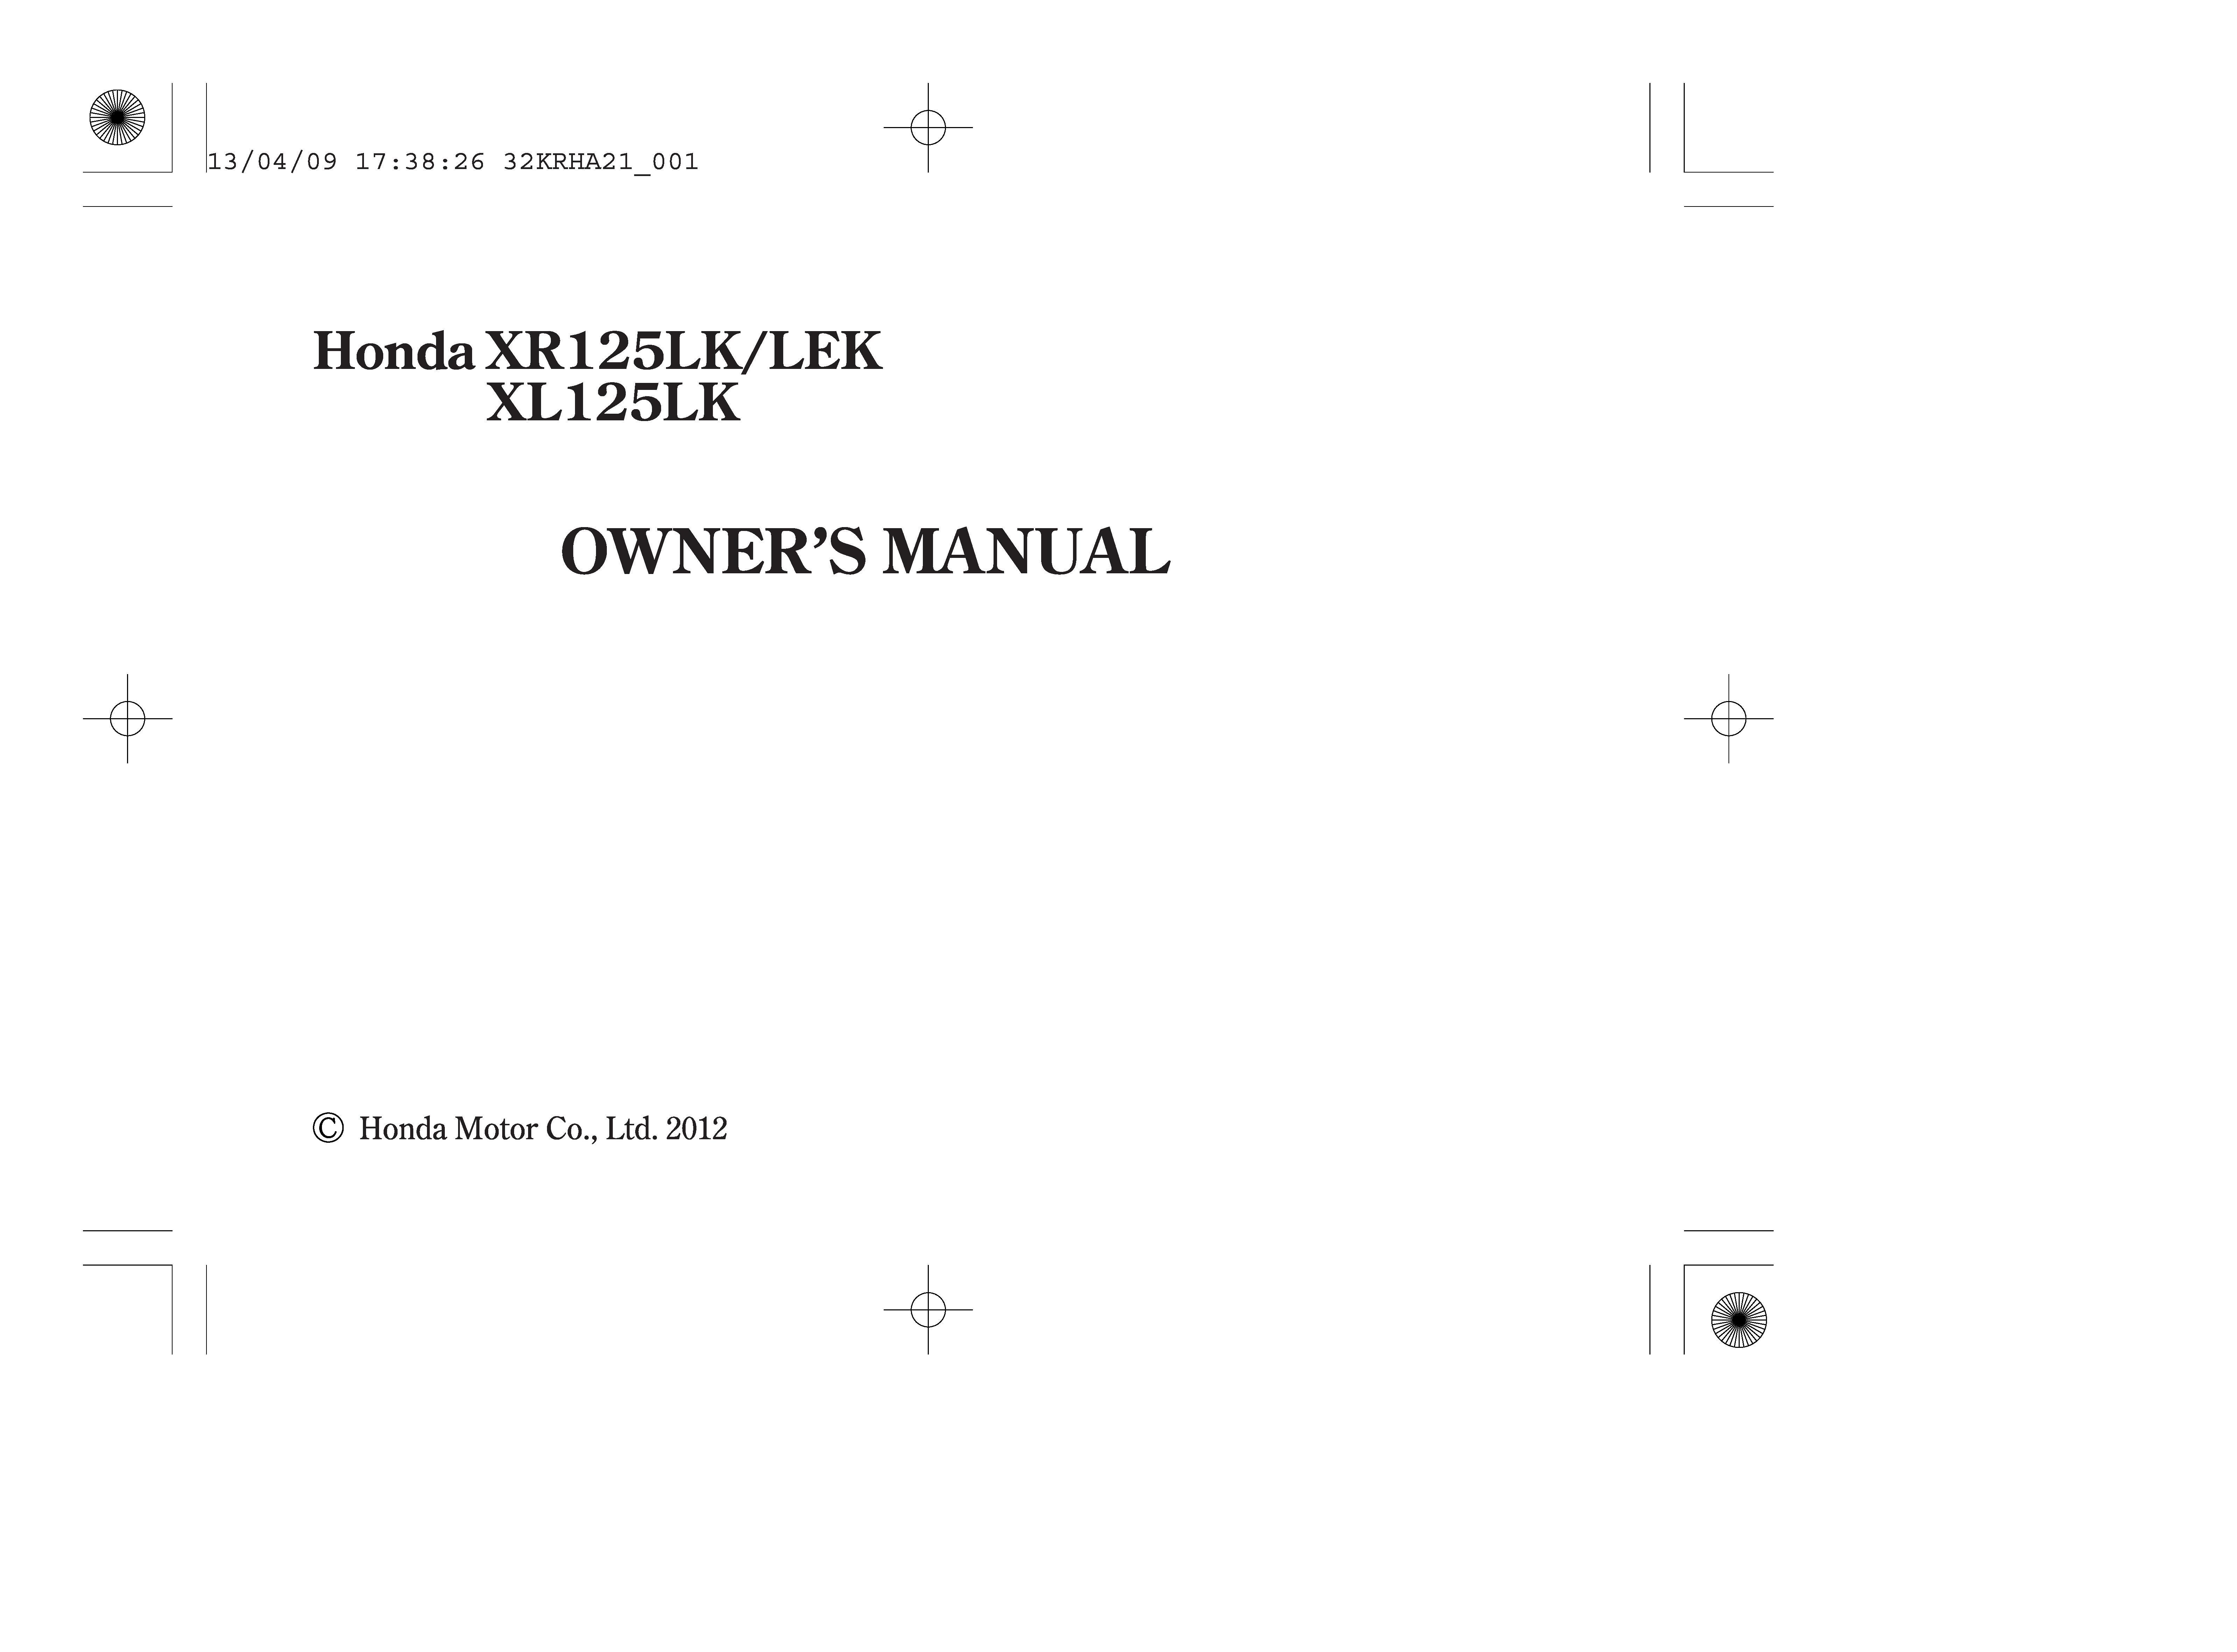 Owner's manual for Honda XR125LK (2012)